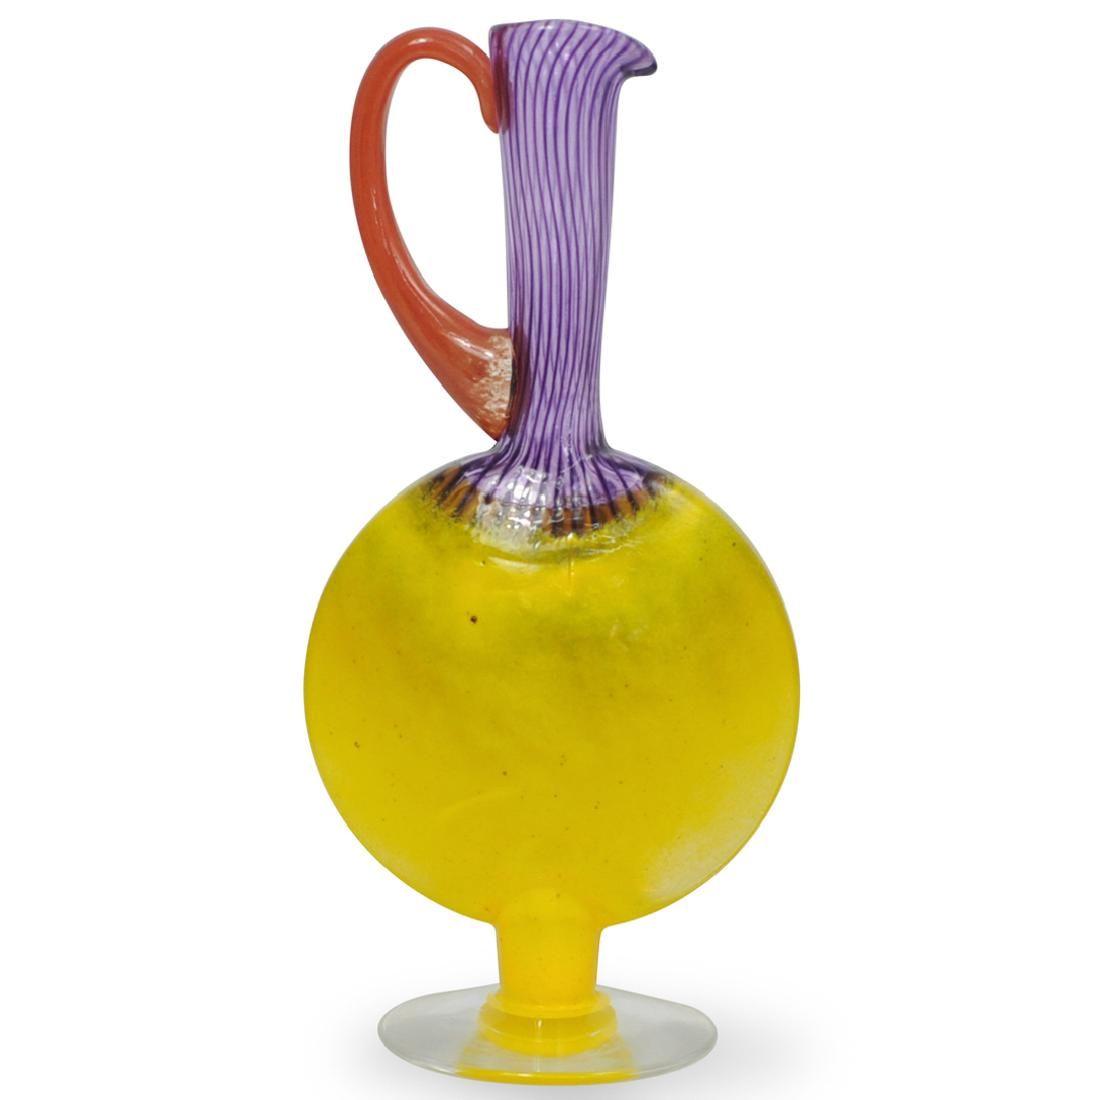 Kosta Boda Art Glass Pitcher